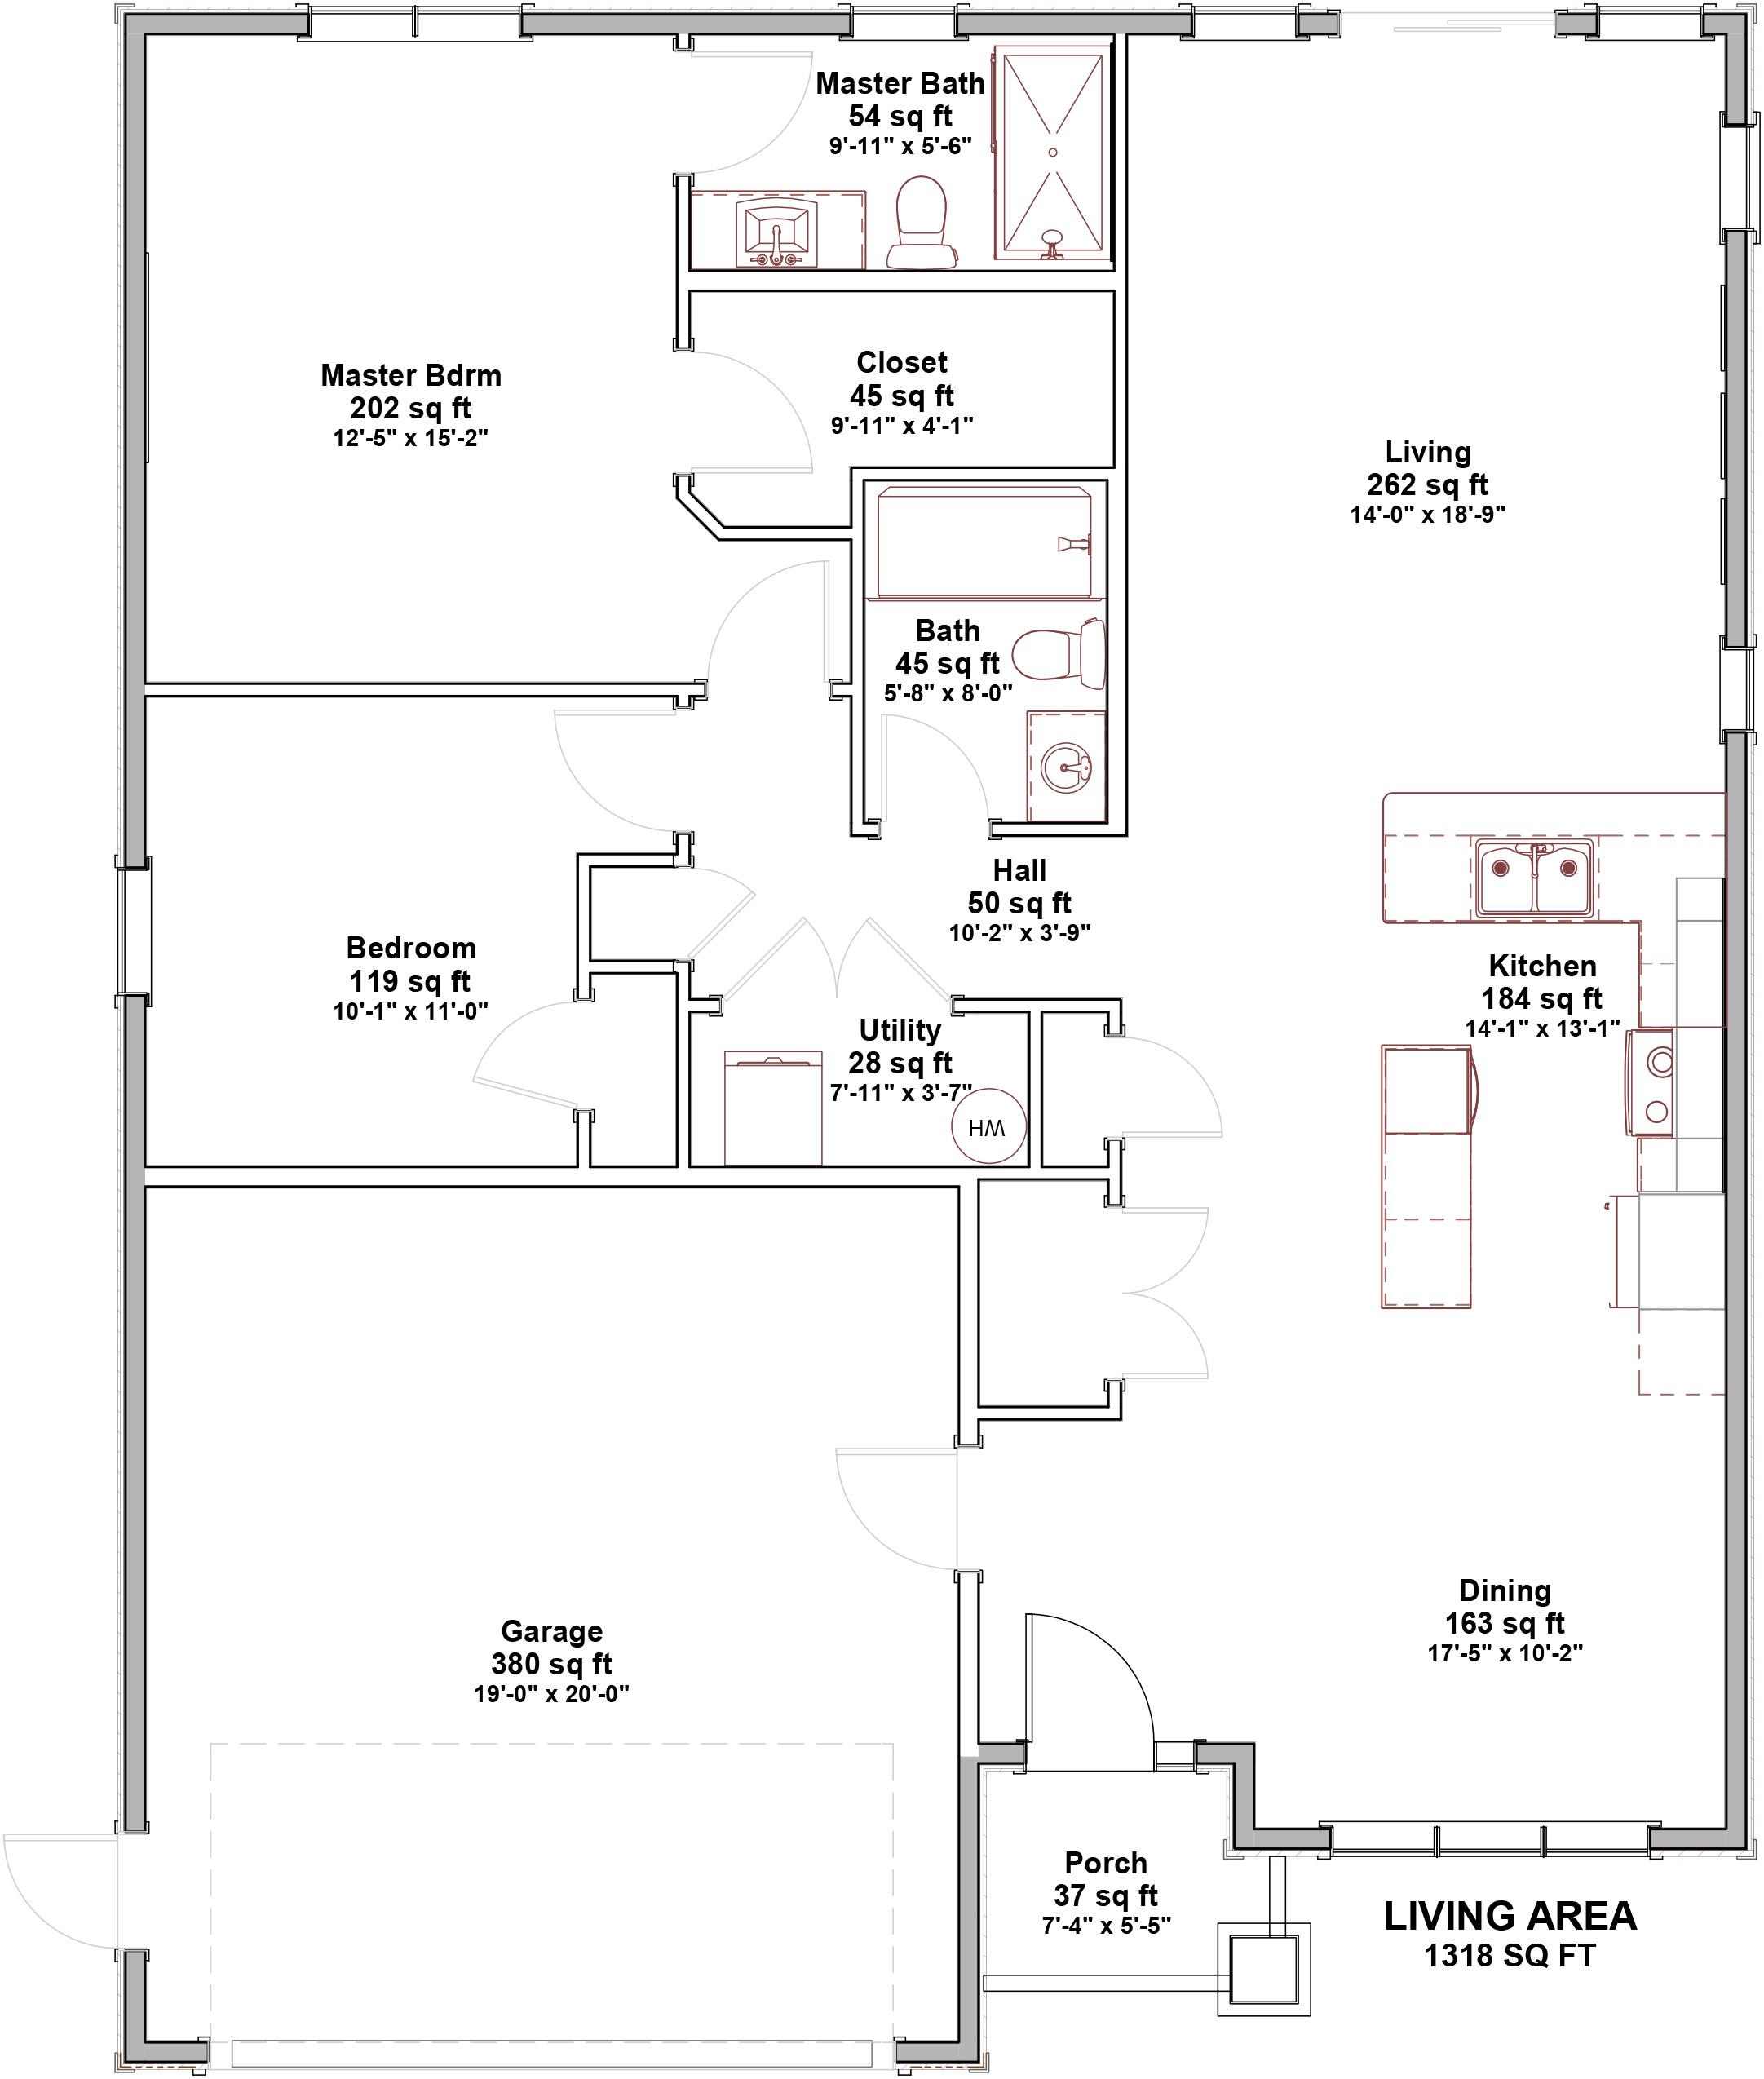 2 Bedroom Open Concept